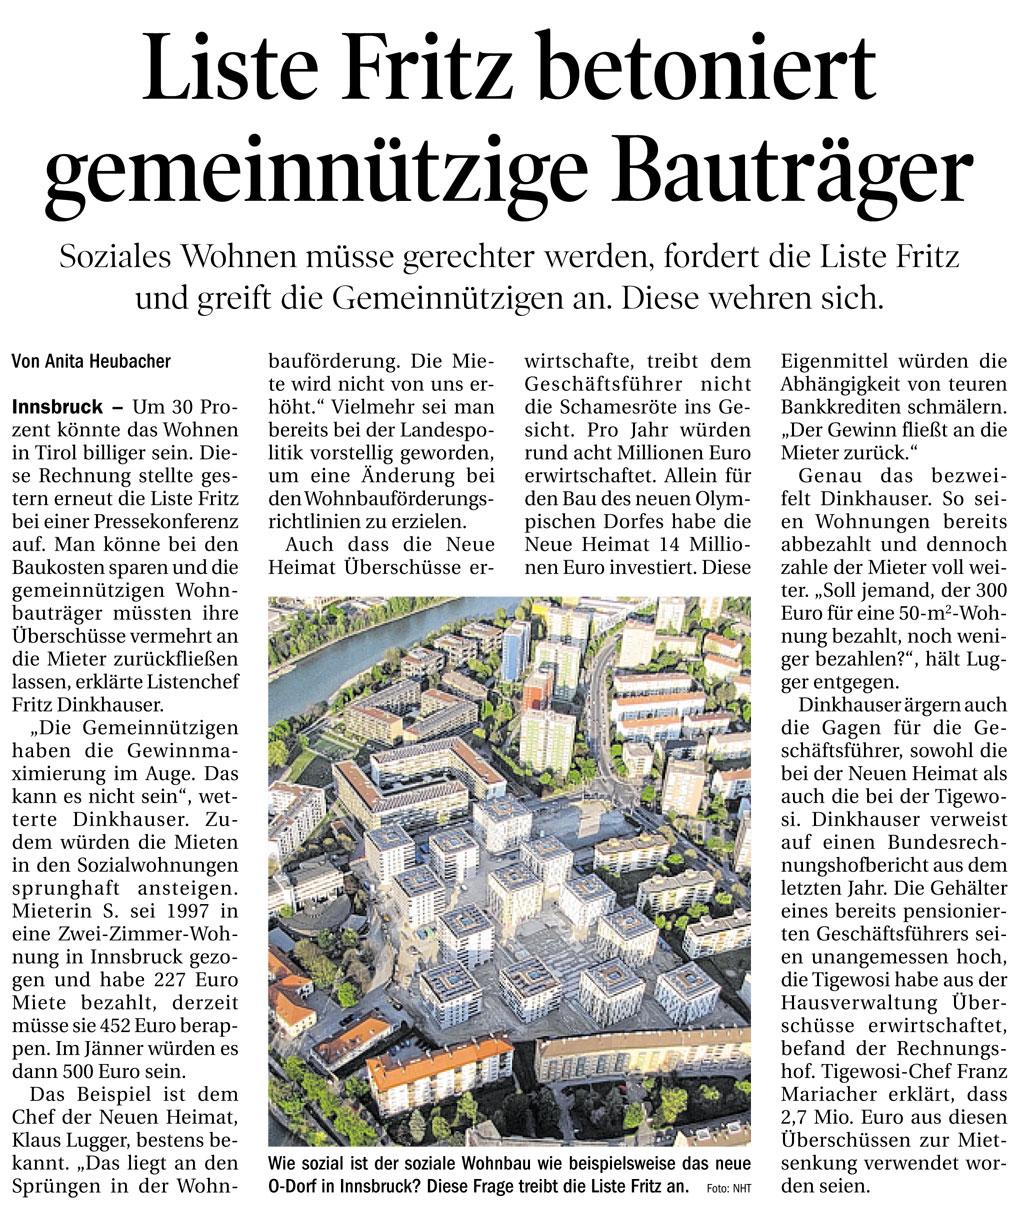 Bericht der Tiroler Tageszeitung zum sozialen Wohnbau